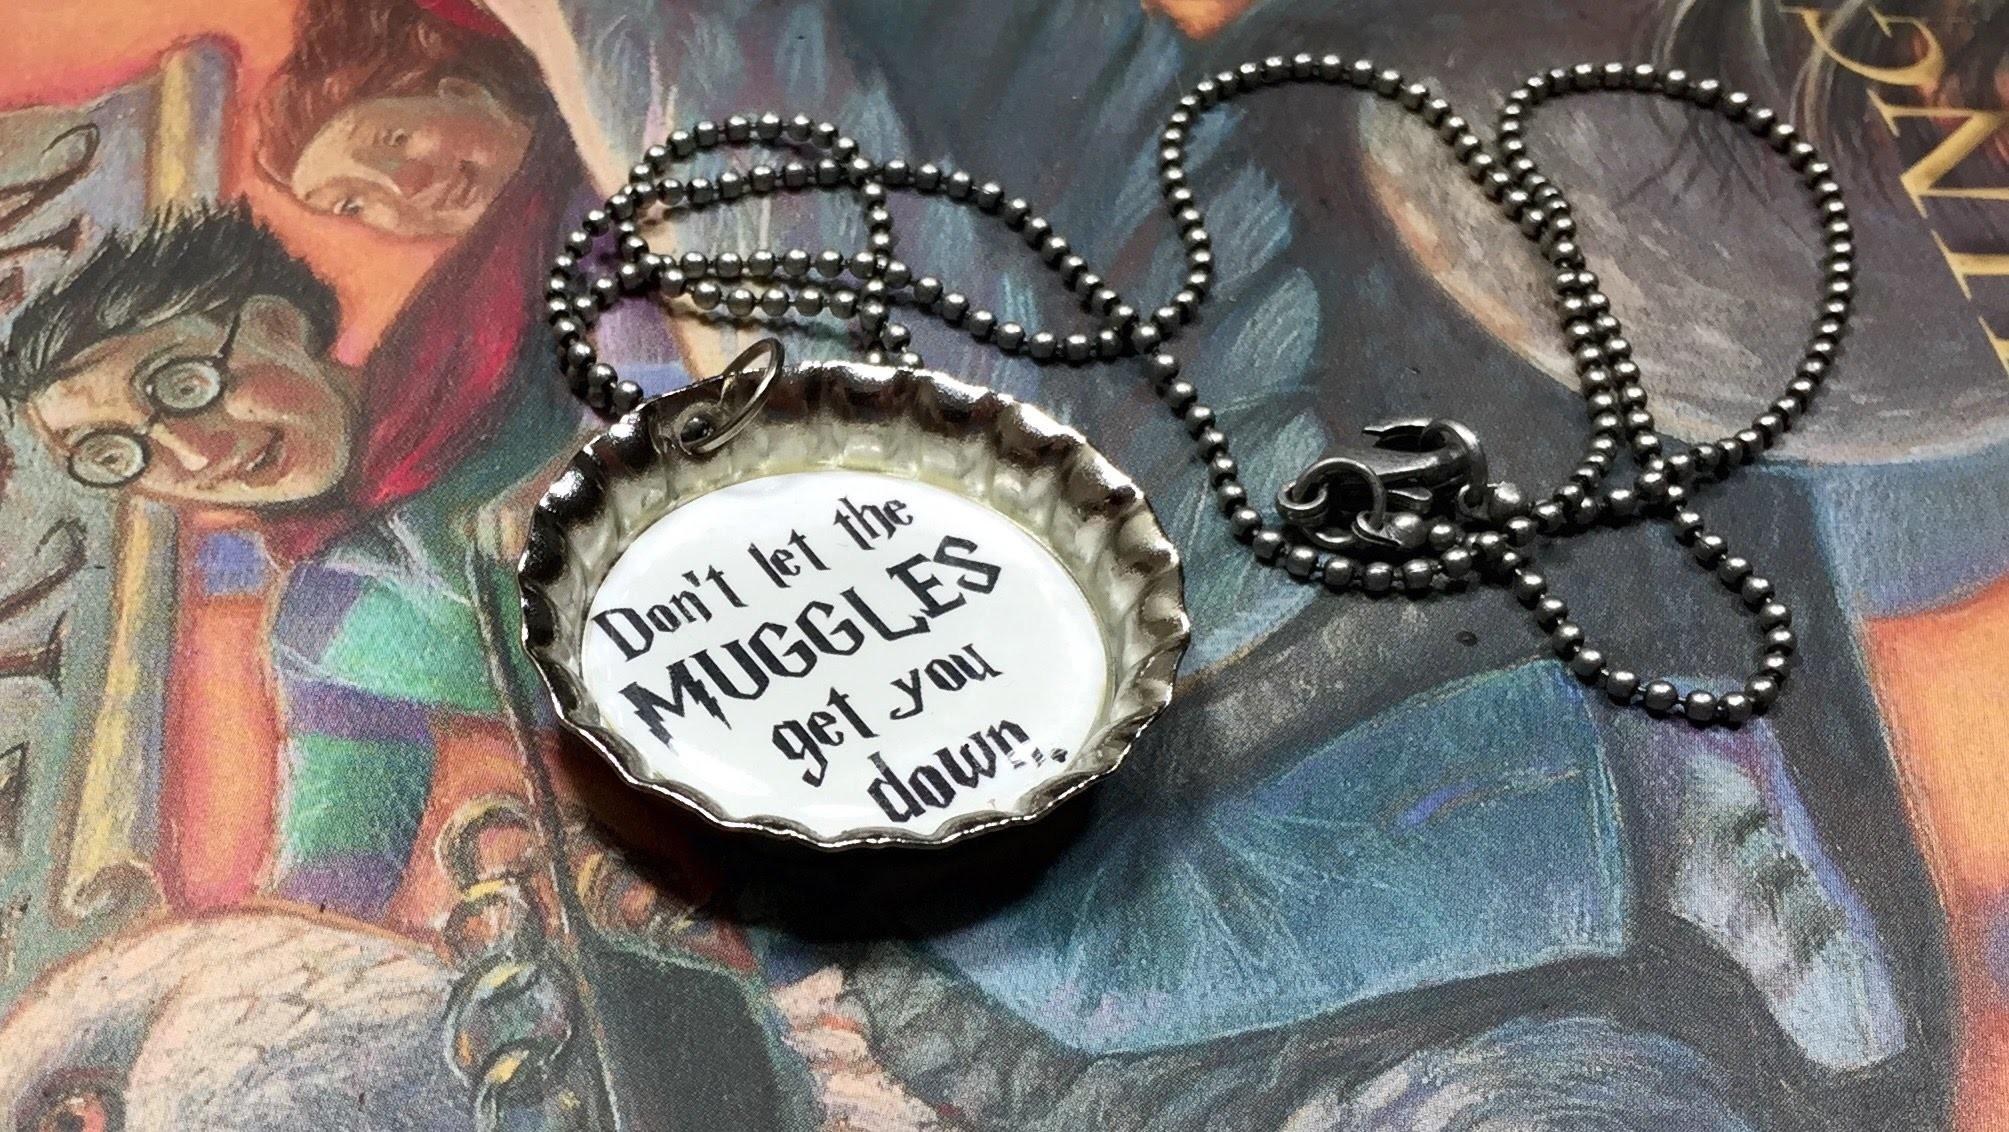 DIY Harry Potter bottle cap charm necklace!